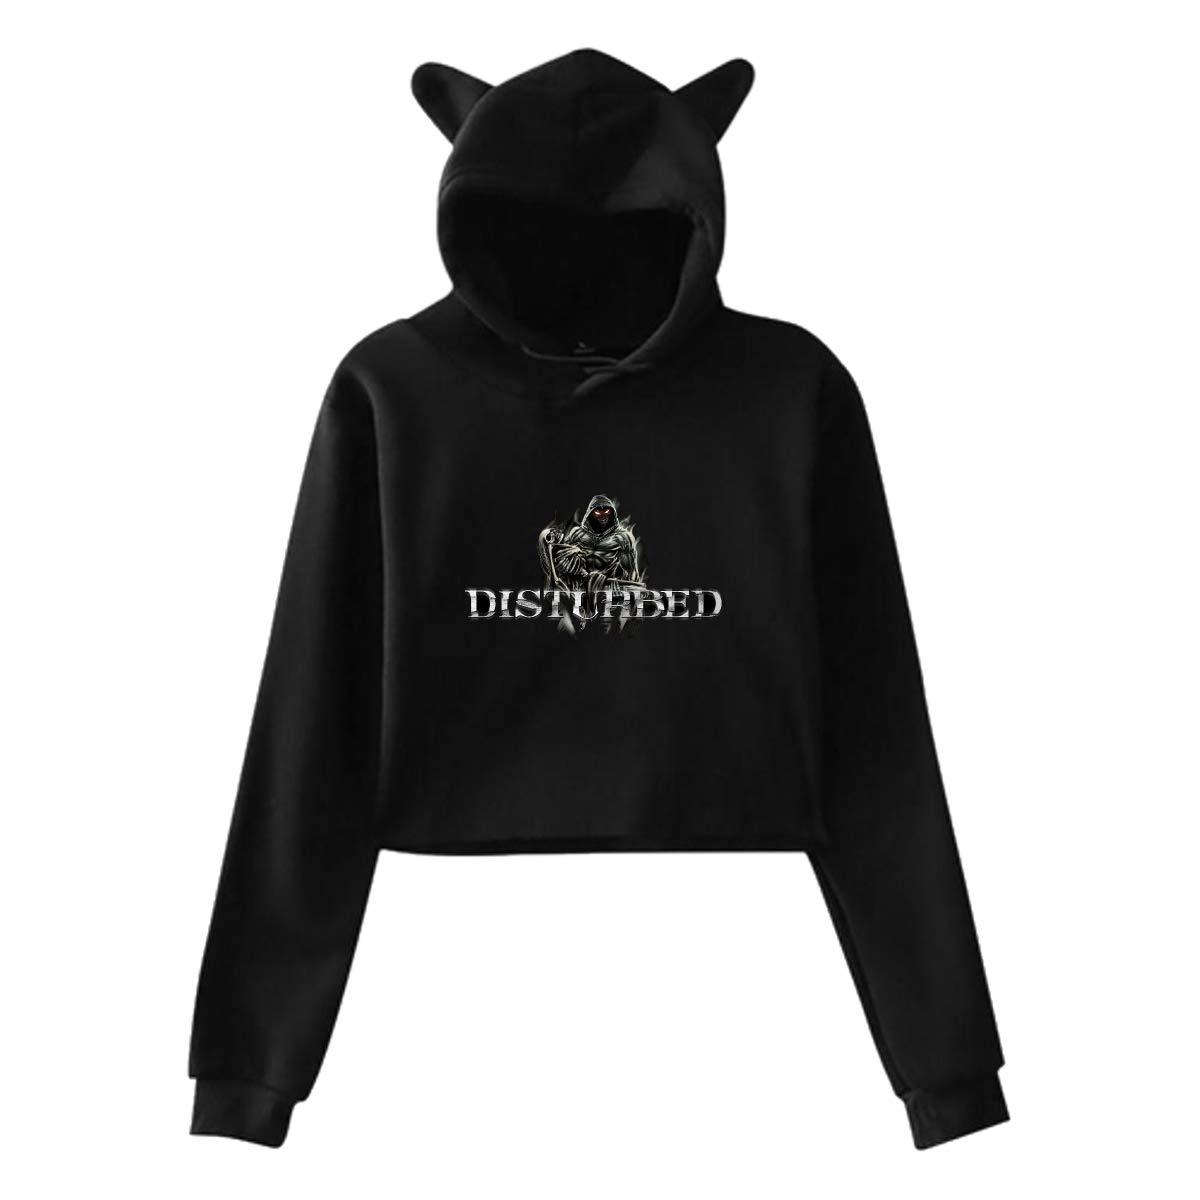 Hedamn Cute Cat Ear Disturbed Women Girl Hoodies Long Sleeve Printed Pullover Sweatshirt